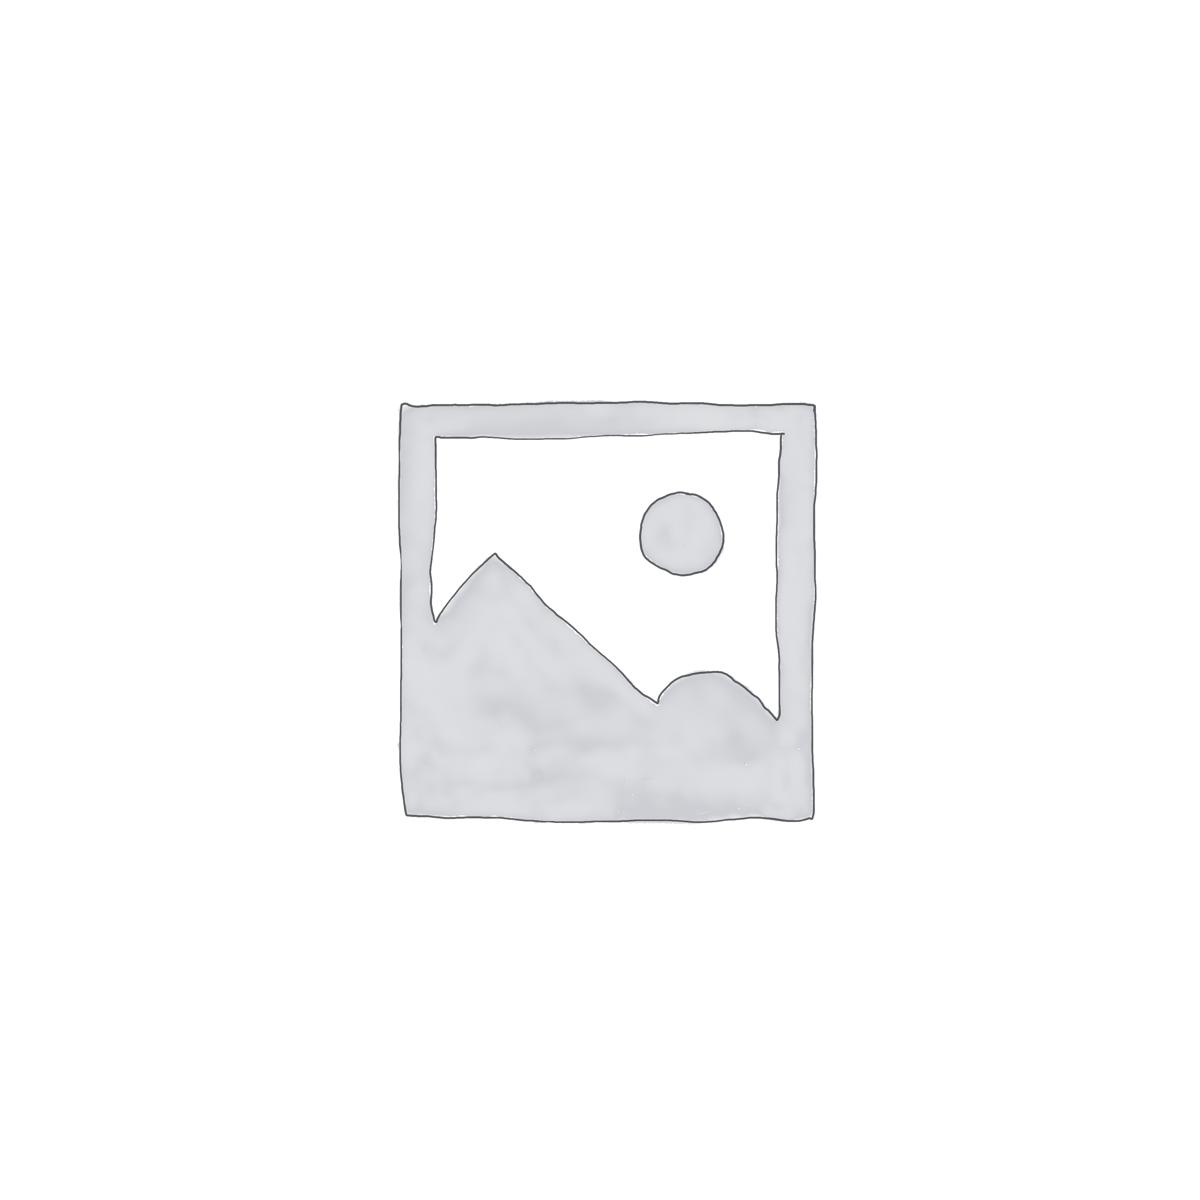 Аккумулятор (батарея) ноутбука HP Envy m4-1100 10.8V 4400mAh